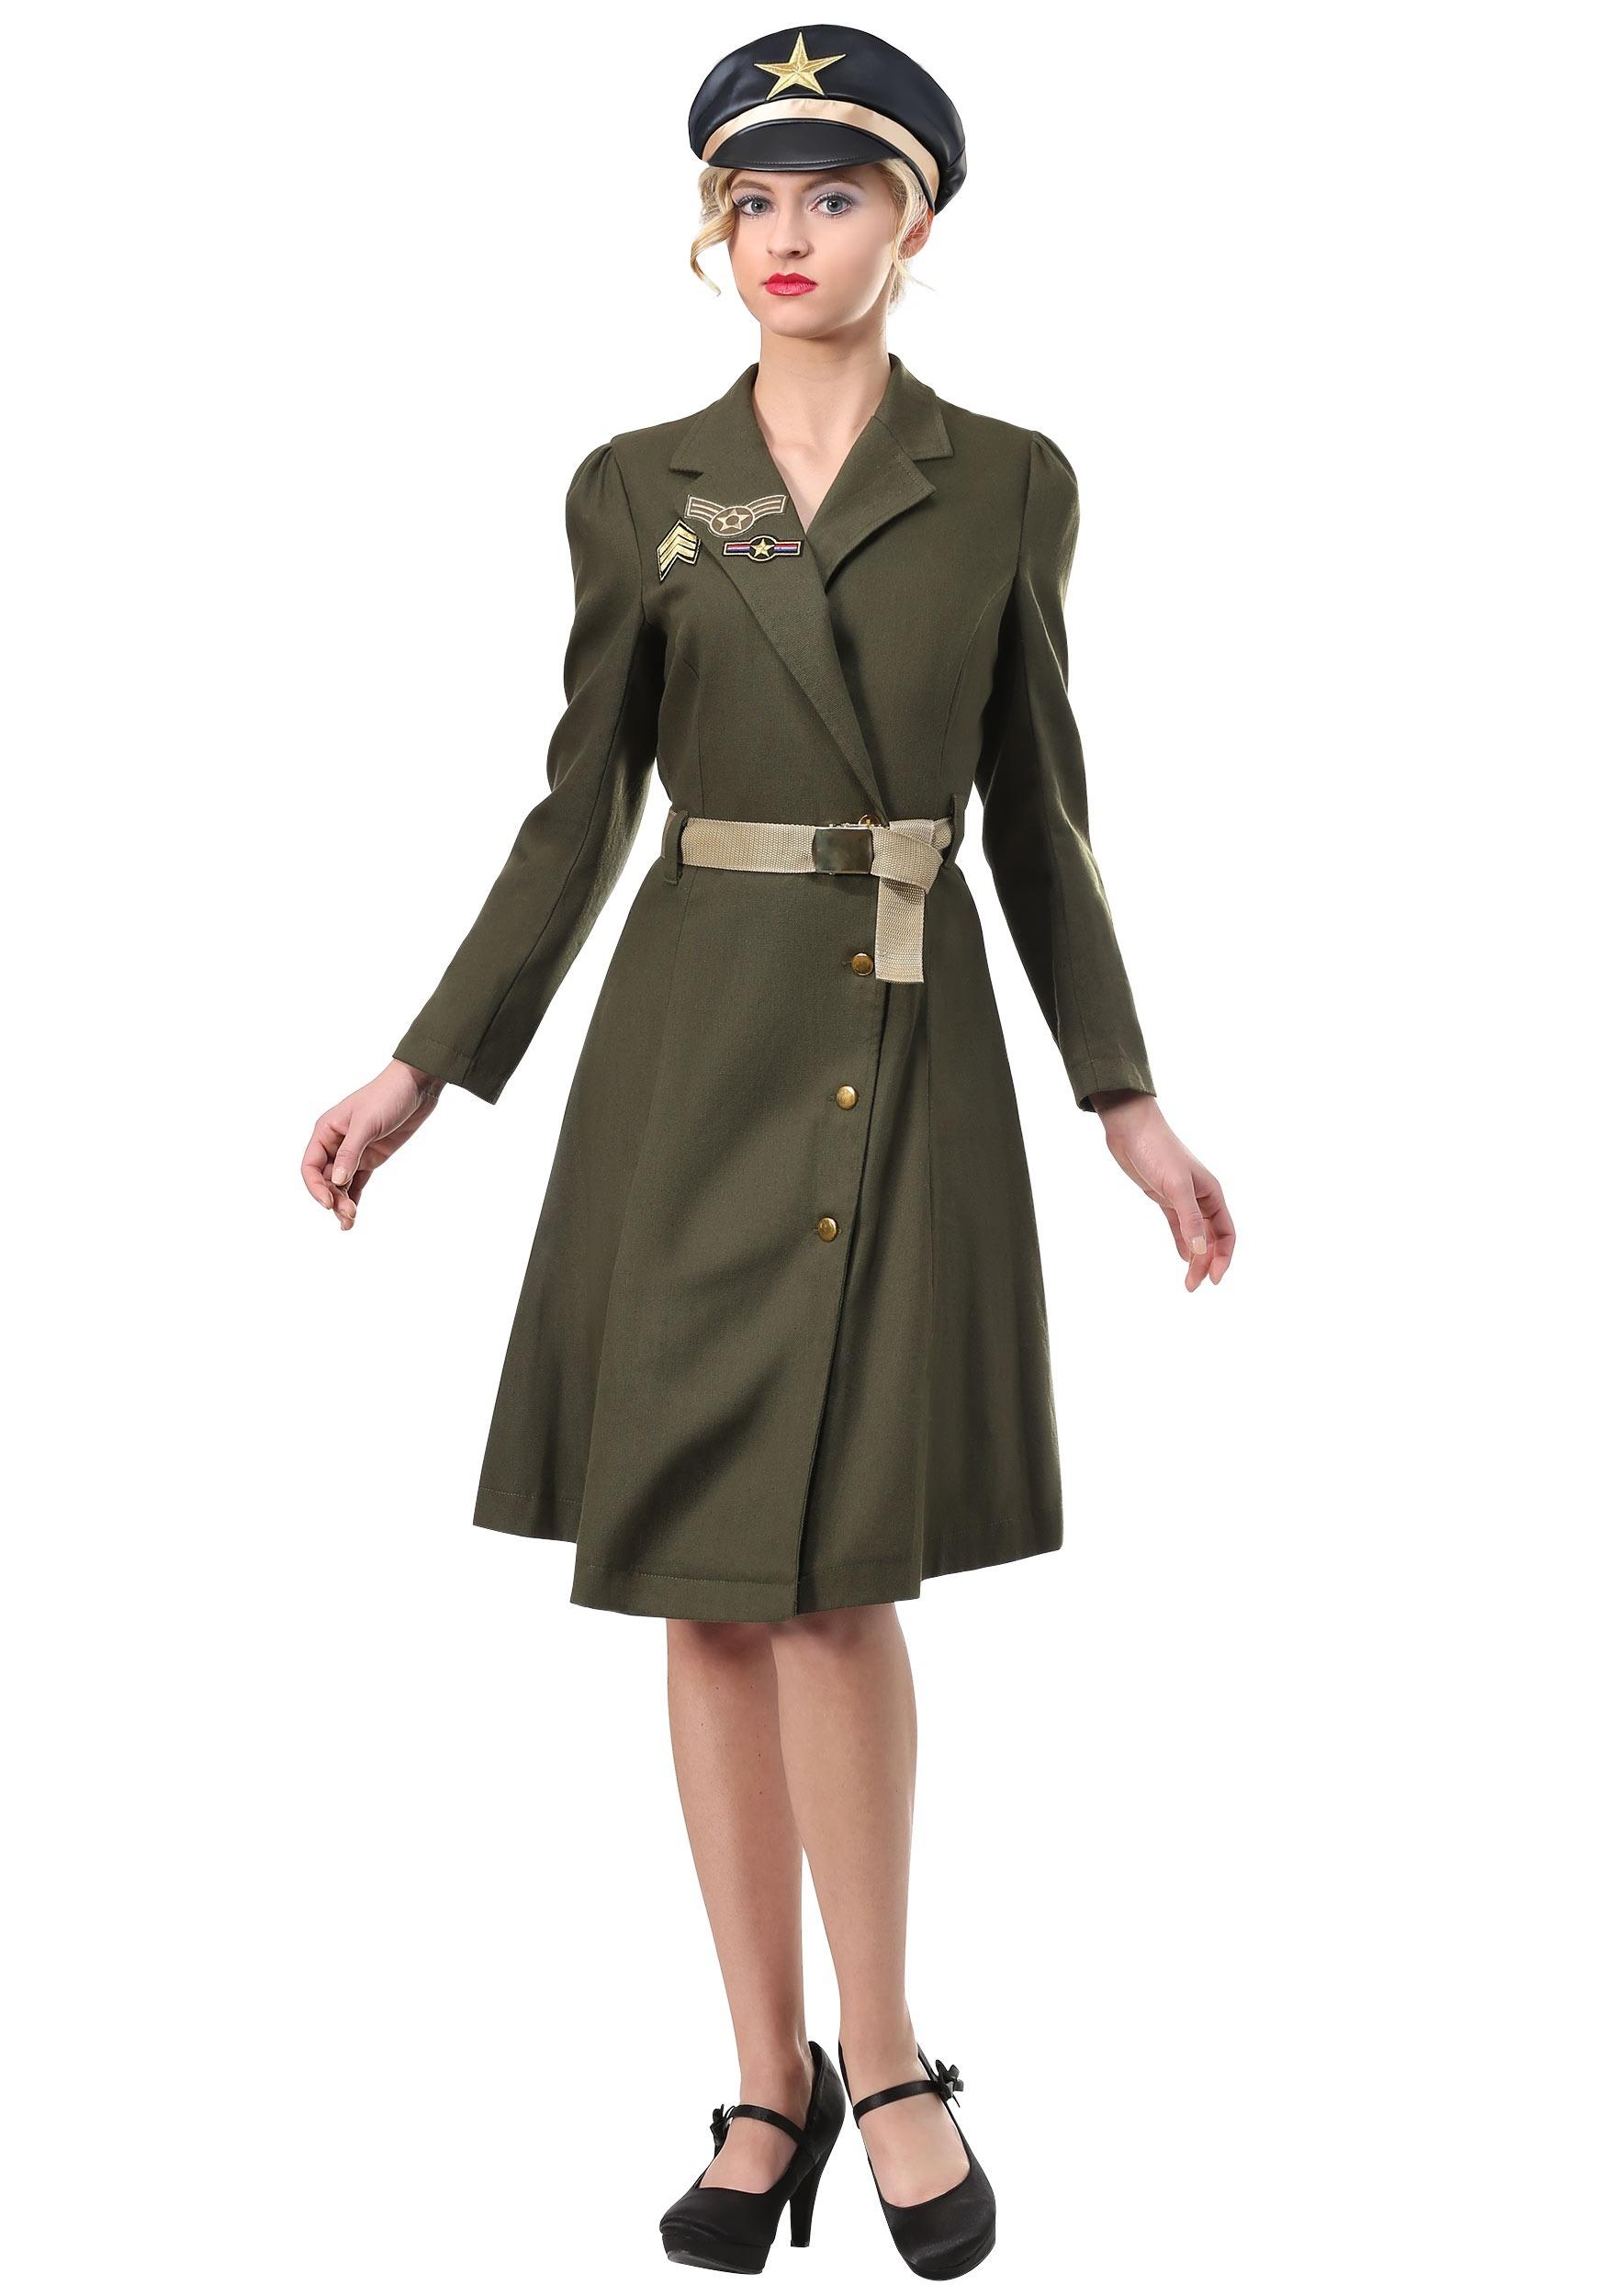 Plus Size Bombshell Military Captain Costume for Women